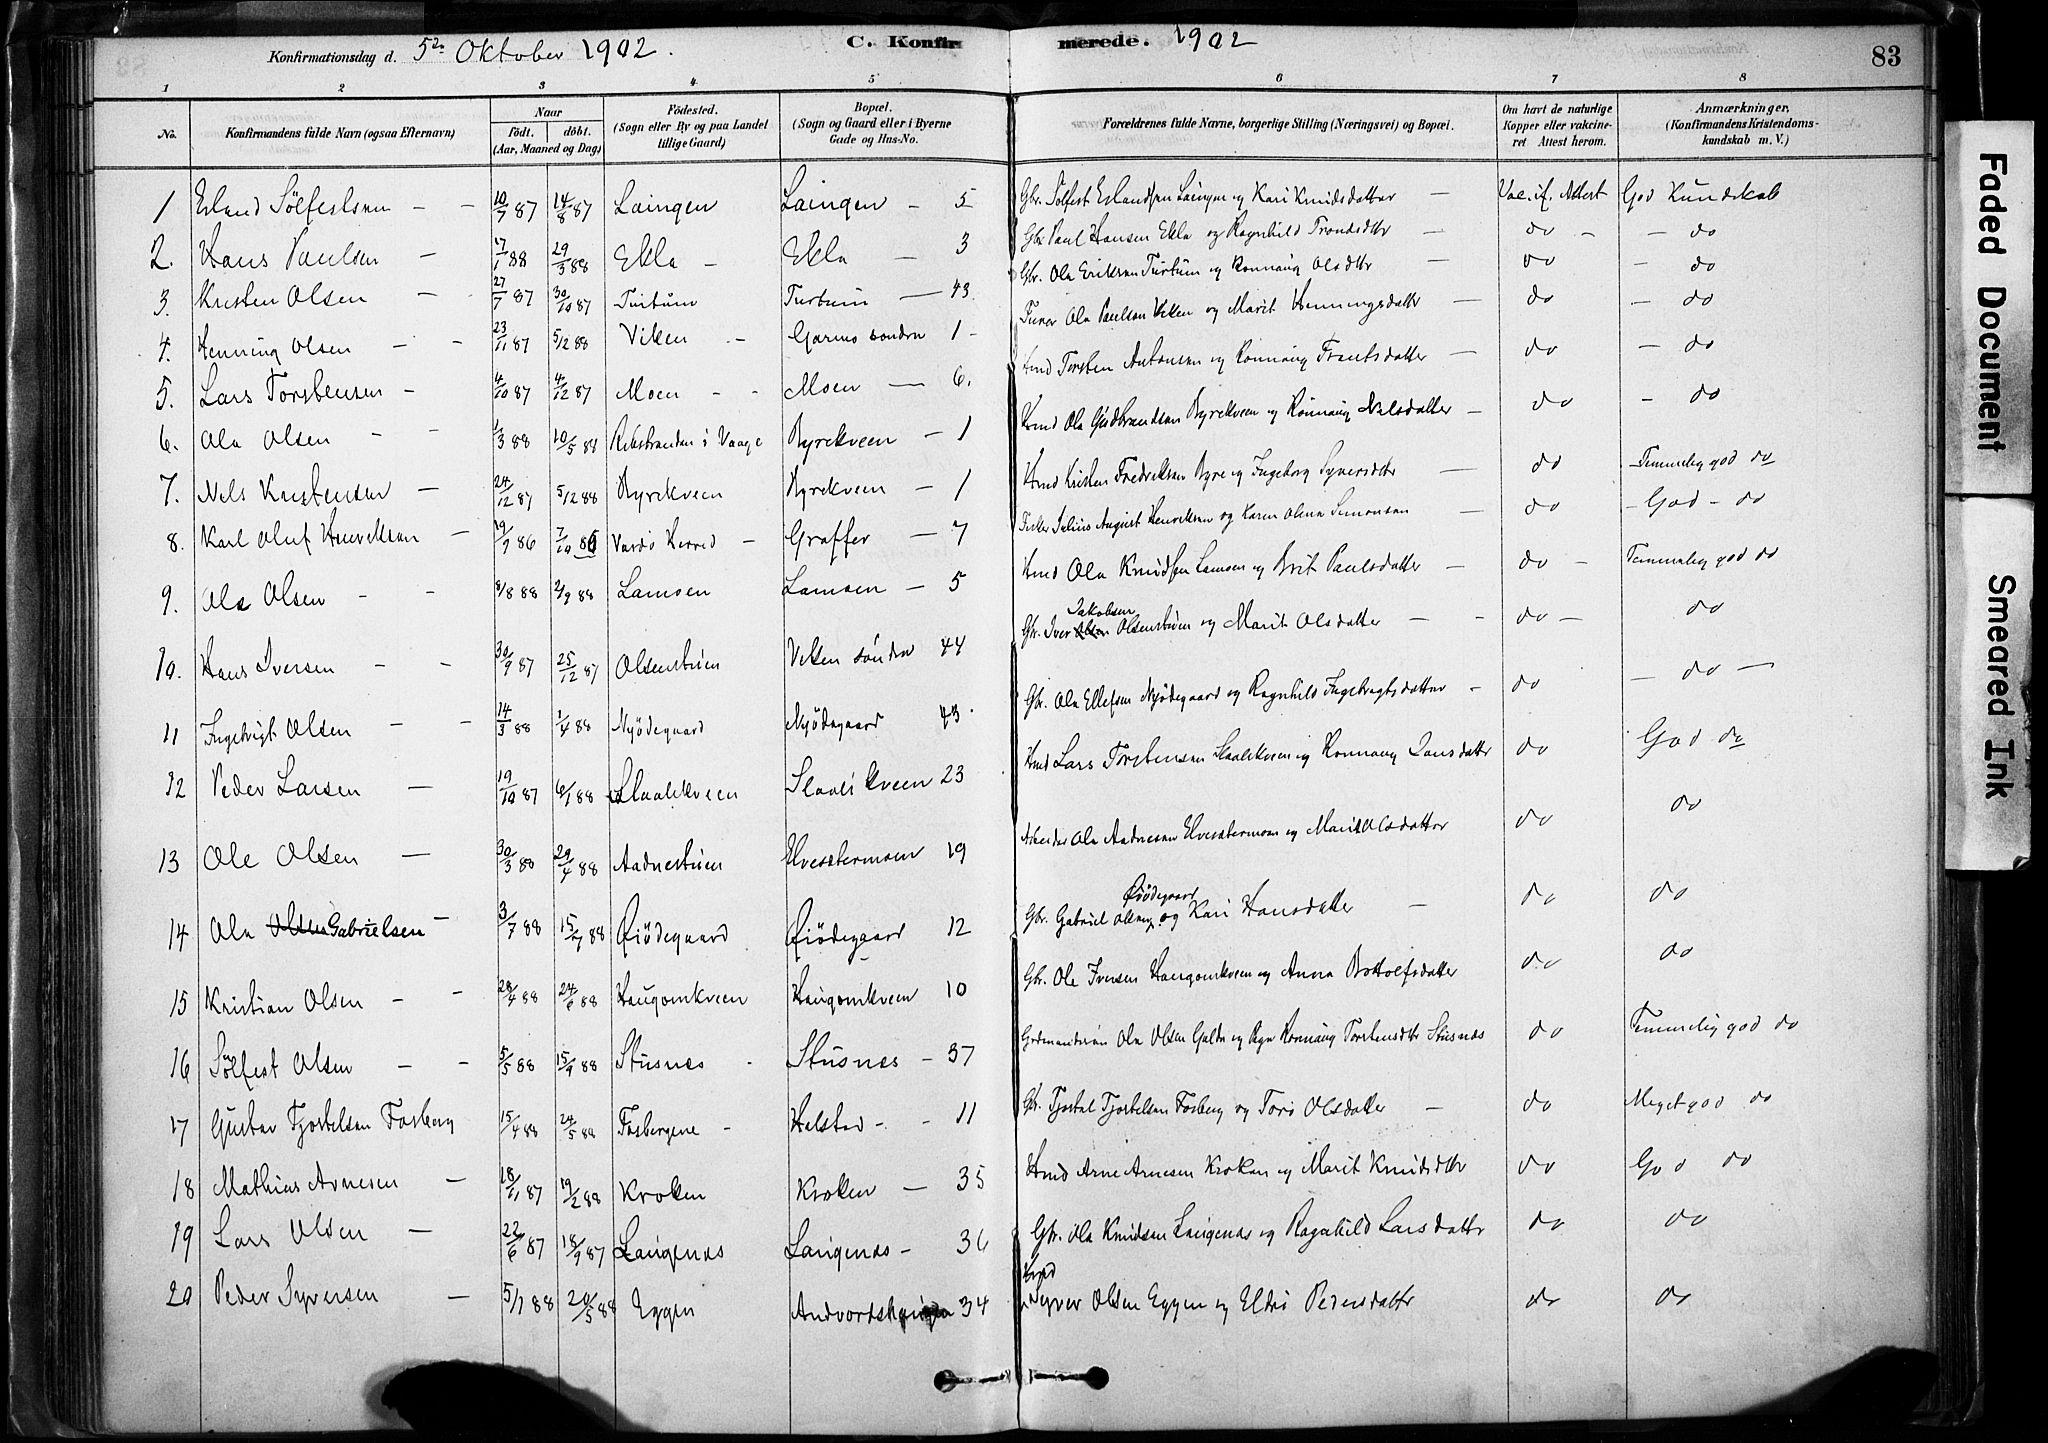 SAH, Lom prestekontor, K/L0009: Ministerialbok nr. 9, 1878-1907, s. 83